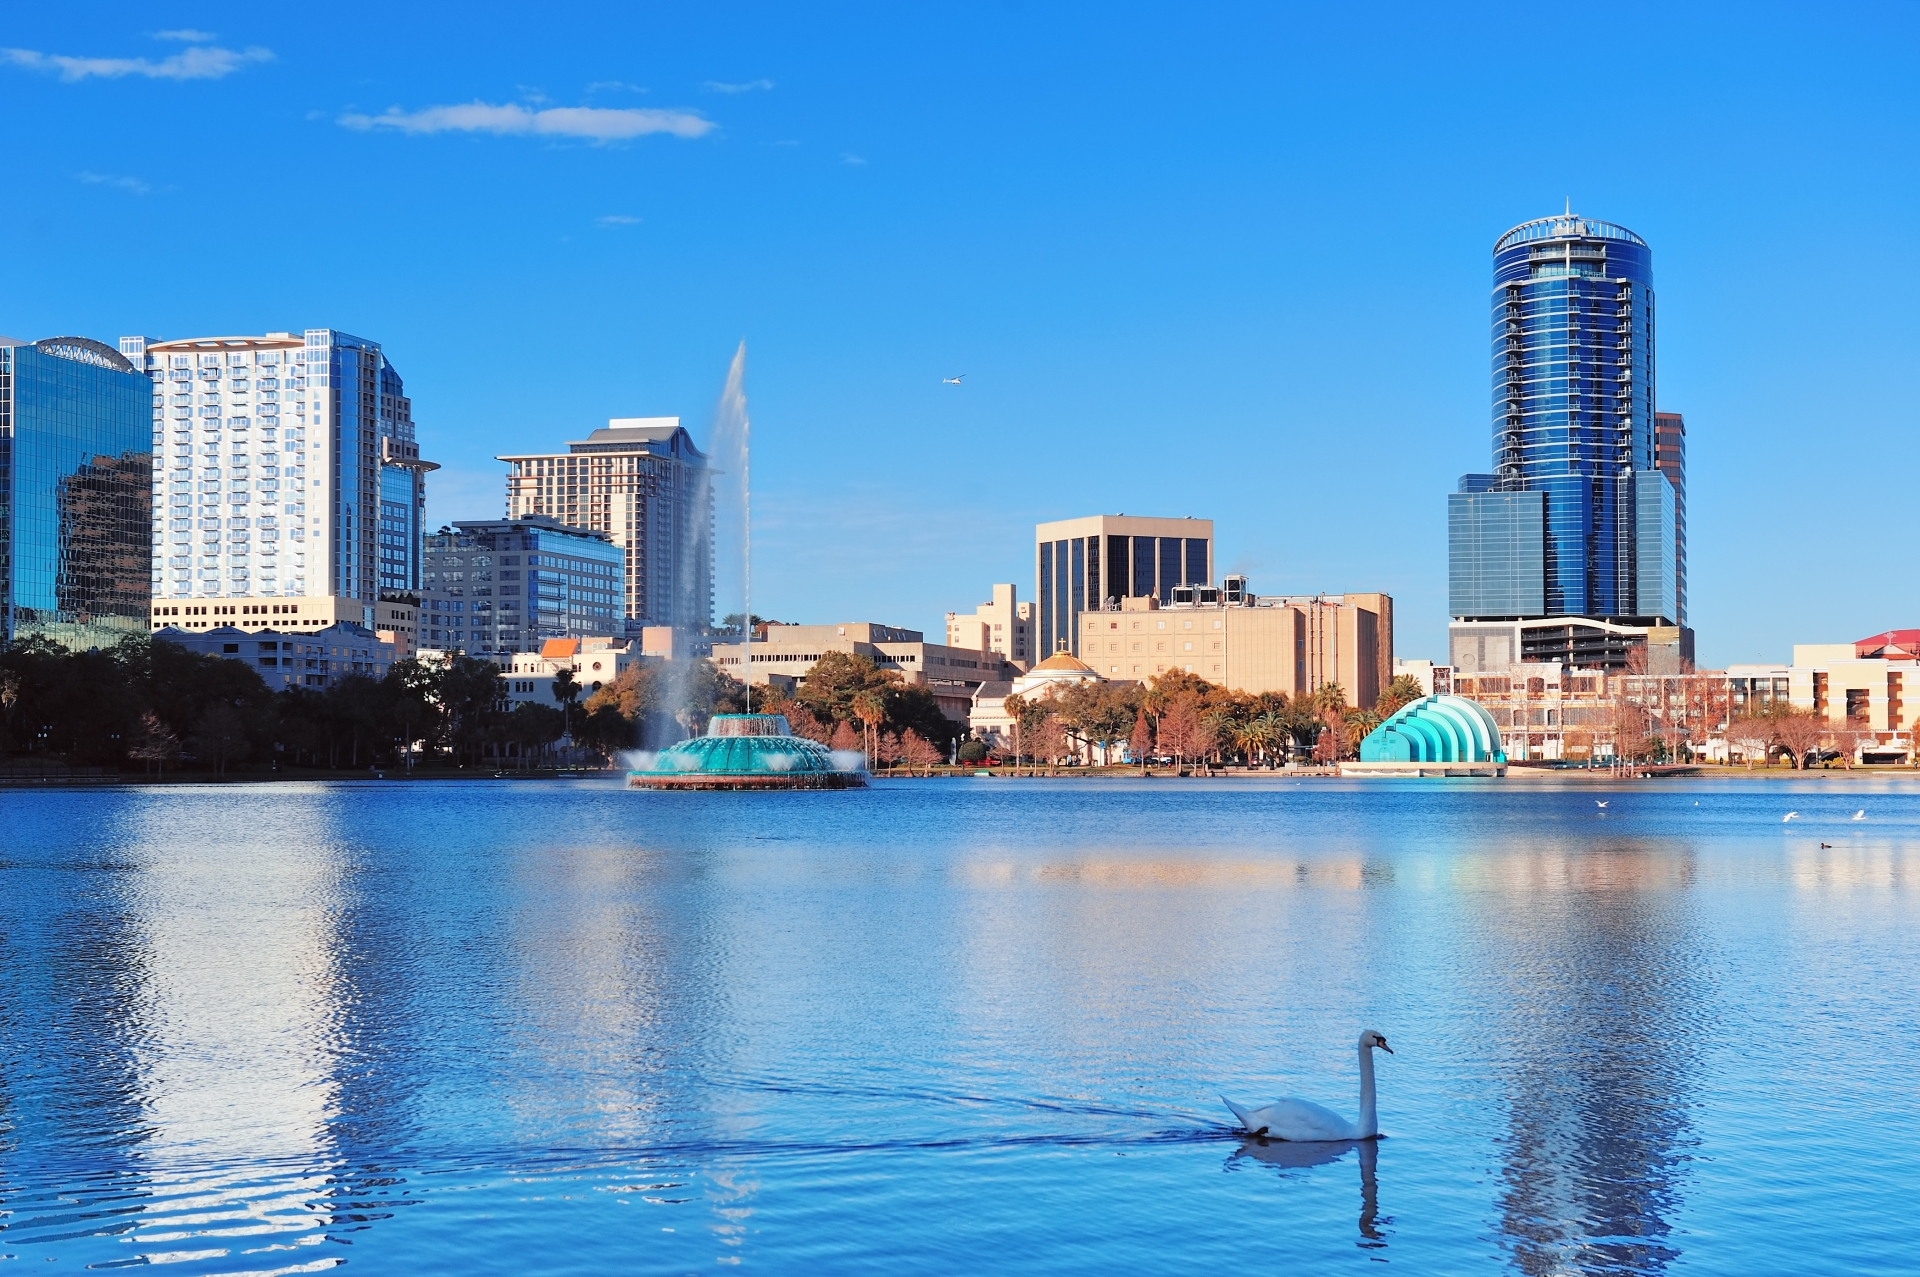 Orlando - Florida viajar nas férias